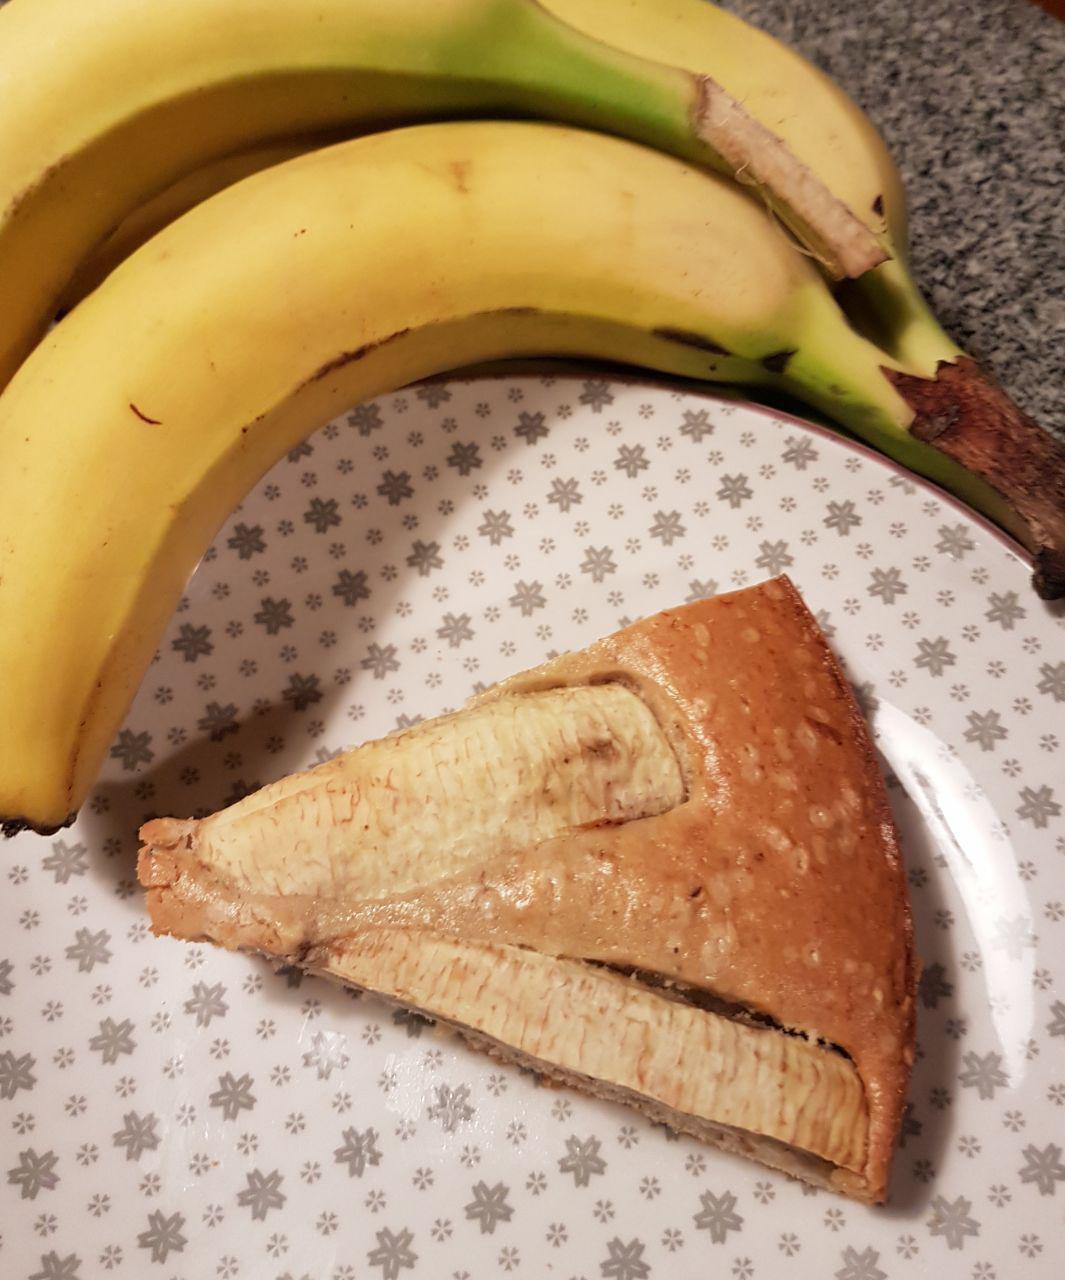 Bananenkuchen 12 Stucke Vegan Und Munter